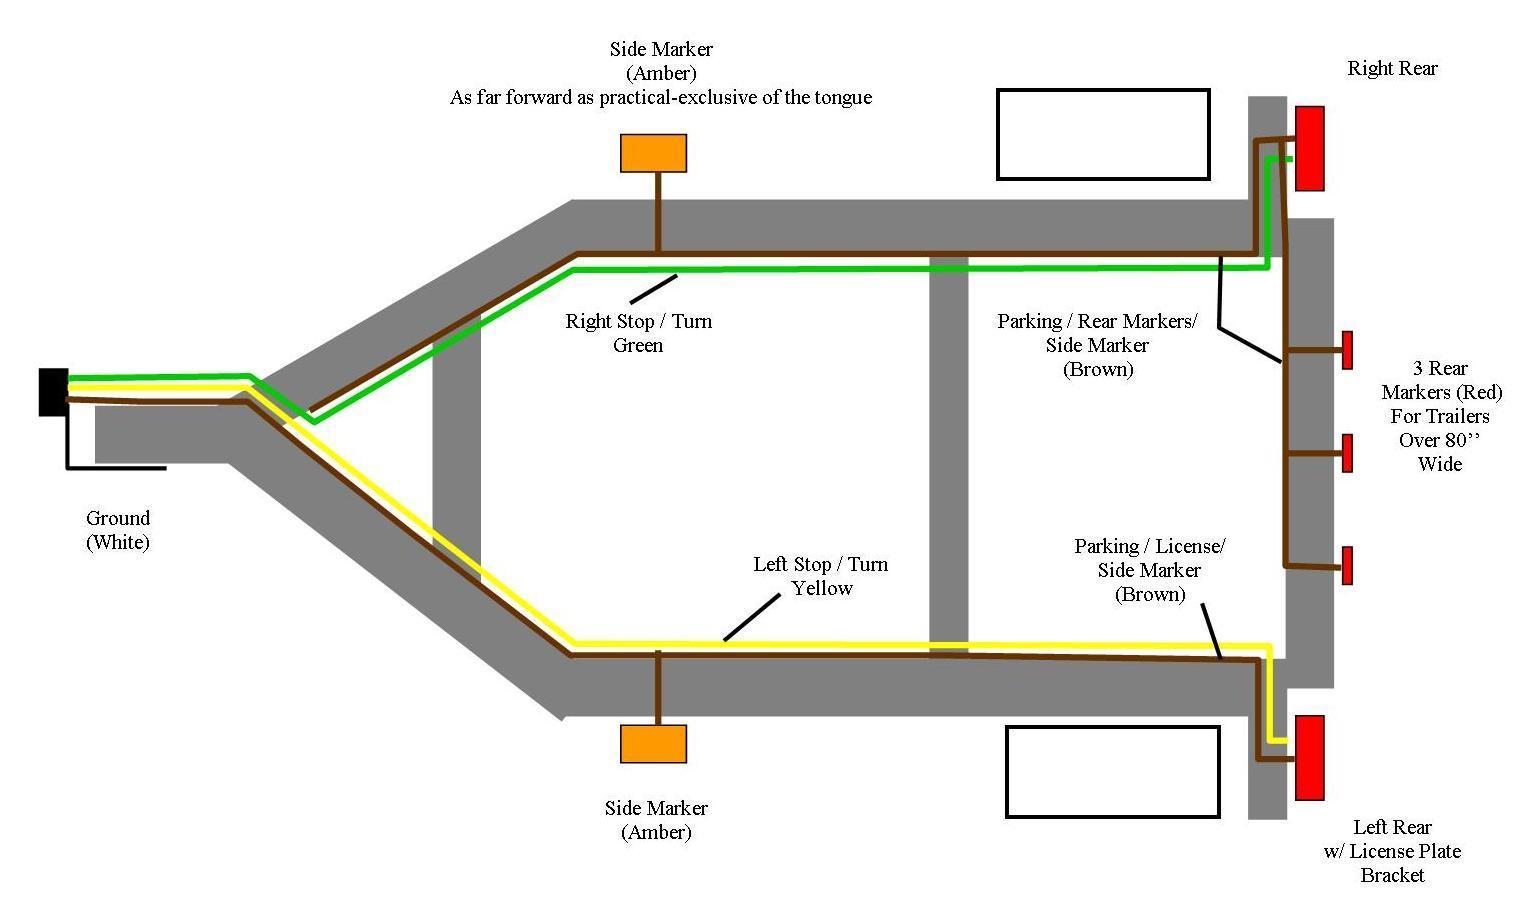 Snowbear Wiring Diagram - John Deere 6200 Alternator Wiring Diagram -  dumble.yenpancane.jeanjaures37.fr | Bear Trailer Wiring Diagram |  | Wiring Diagram Resource